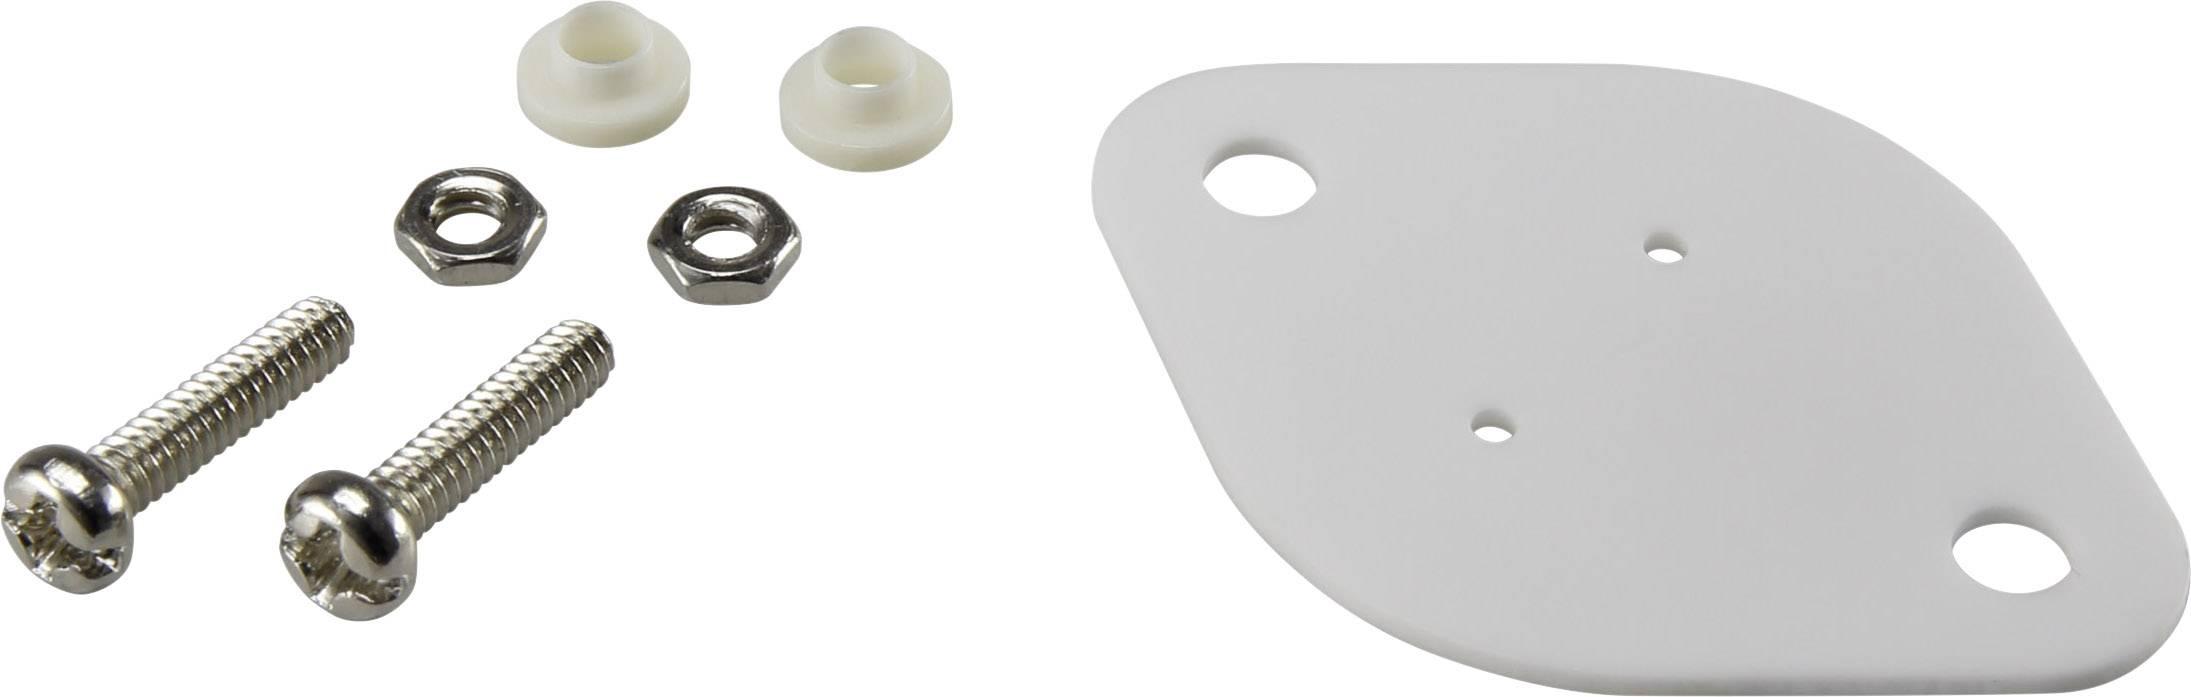 Sada montážního materiálu pro polovodiče SCI A18-10B, (d x š) 42 mm x 30 mm, vhodné pro TO-3 , 1 sada